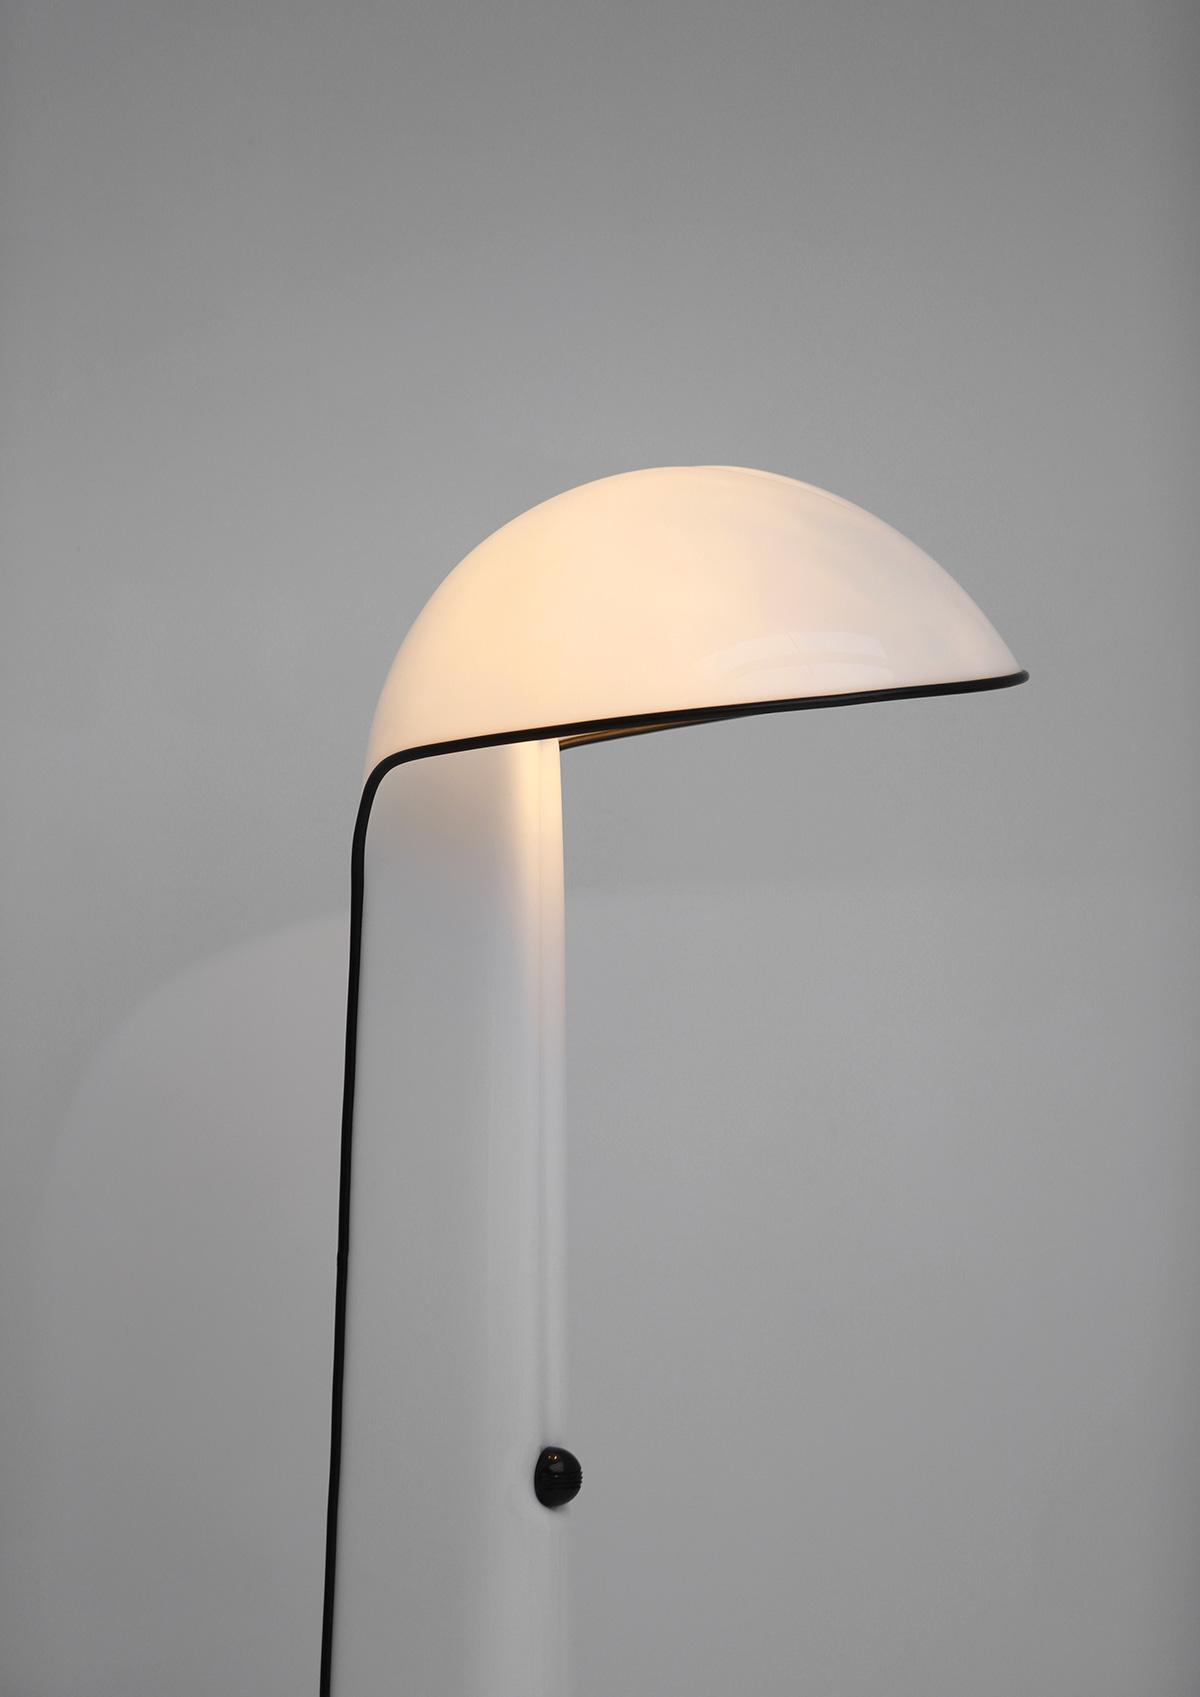 Alba floor lamp by Sergio Brazzoli and Ermanno Lampa for Harvey Guzzini 1973image 2